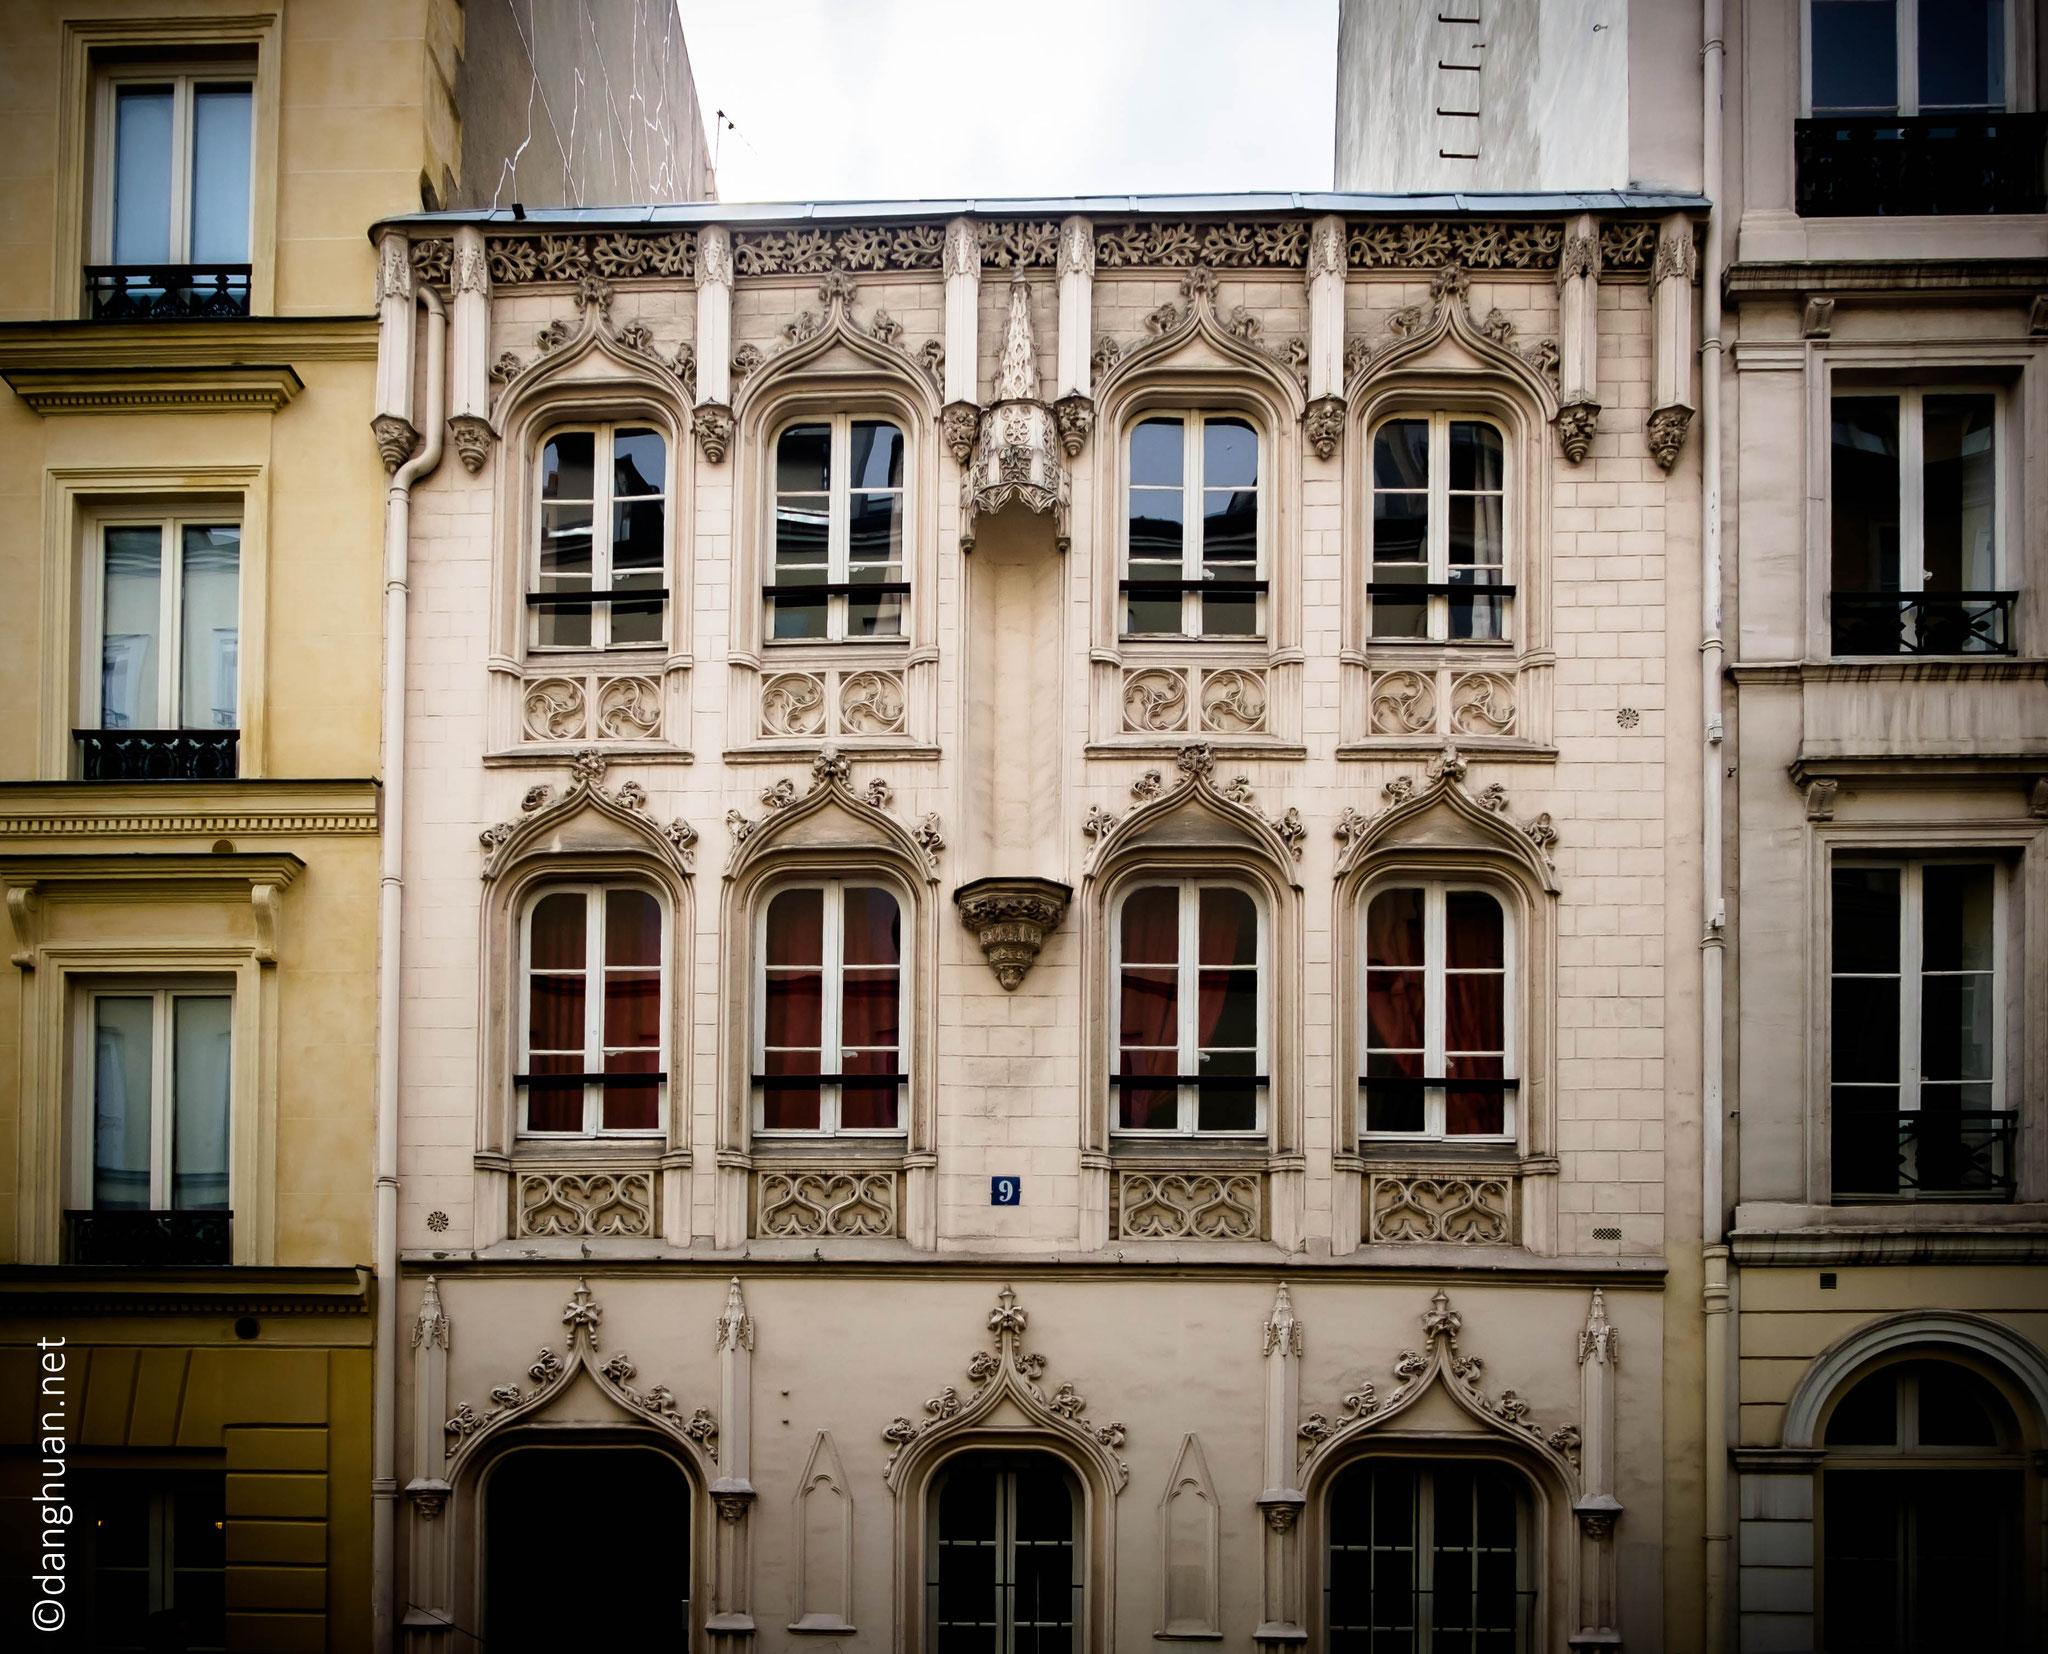 N°9 rue de Navarin. Cet étonnant bâtiment de style néo-gothiqueétait, avant leur interdiction en 1946, une maison close, spécialisée dans le… sadomasochisme !